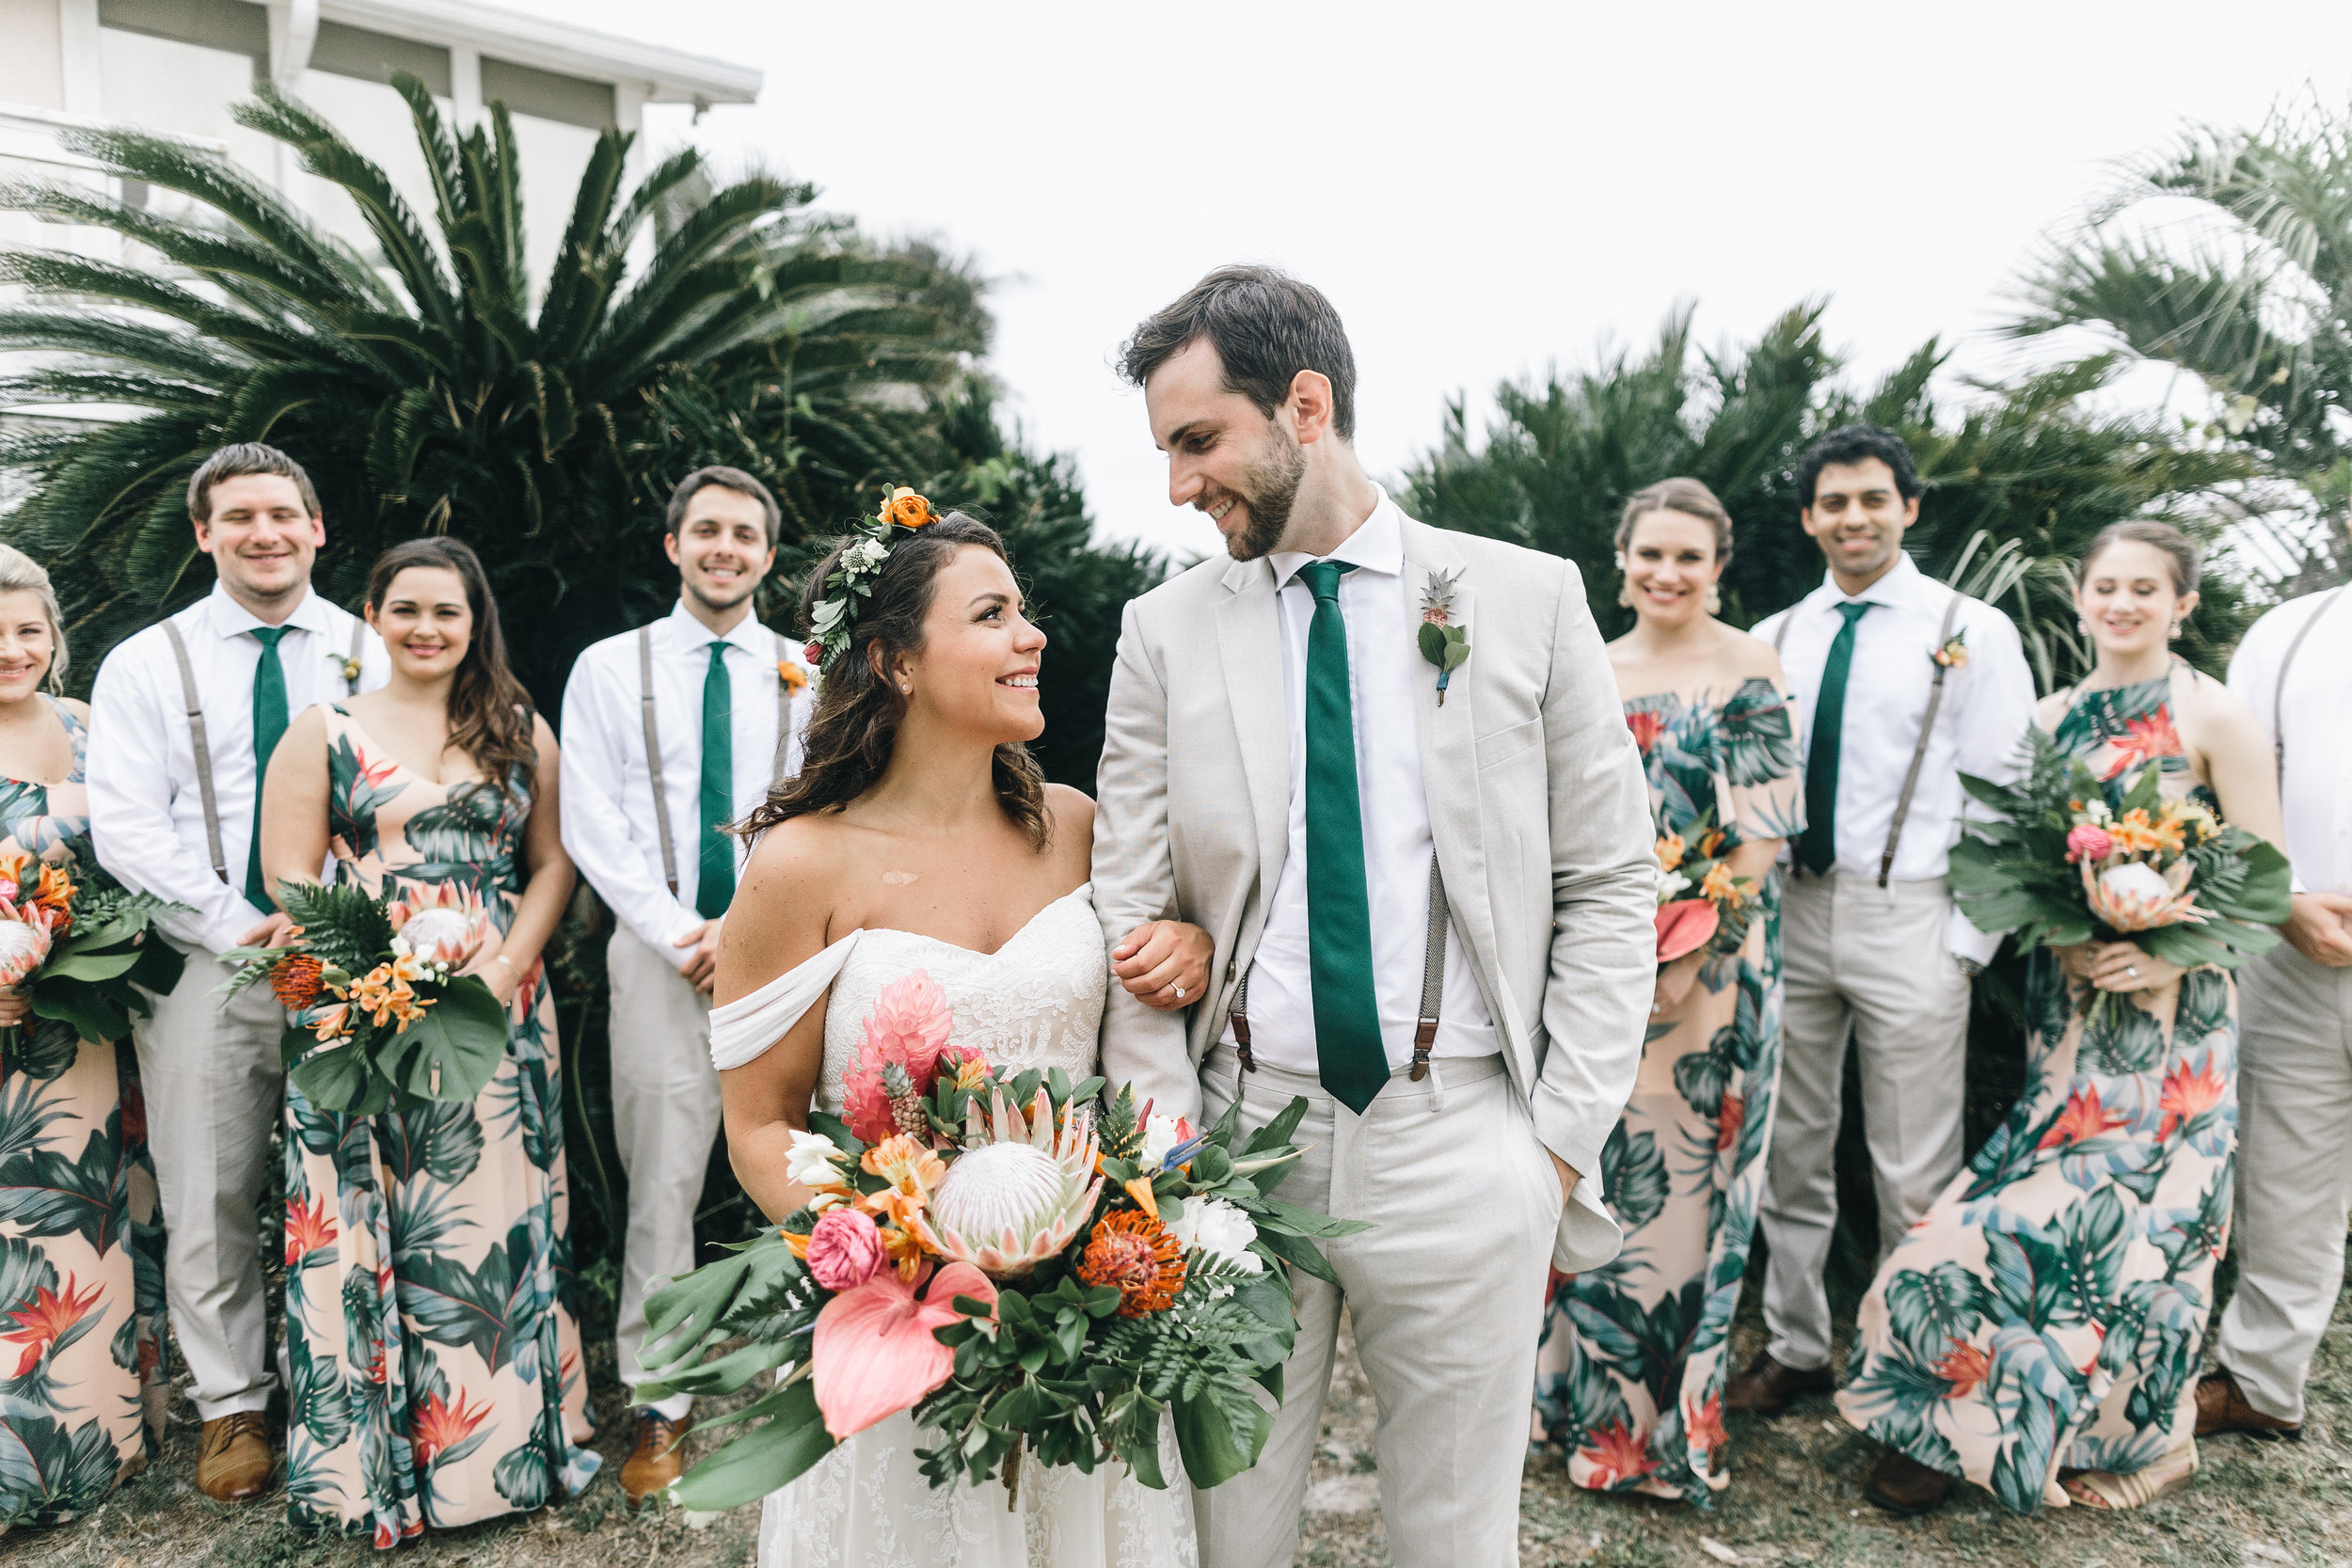 omni-hilton-head-wedding-16.jpg